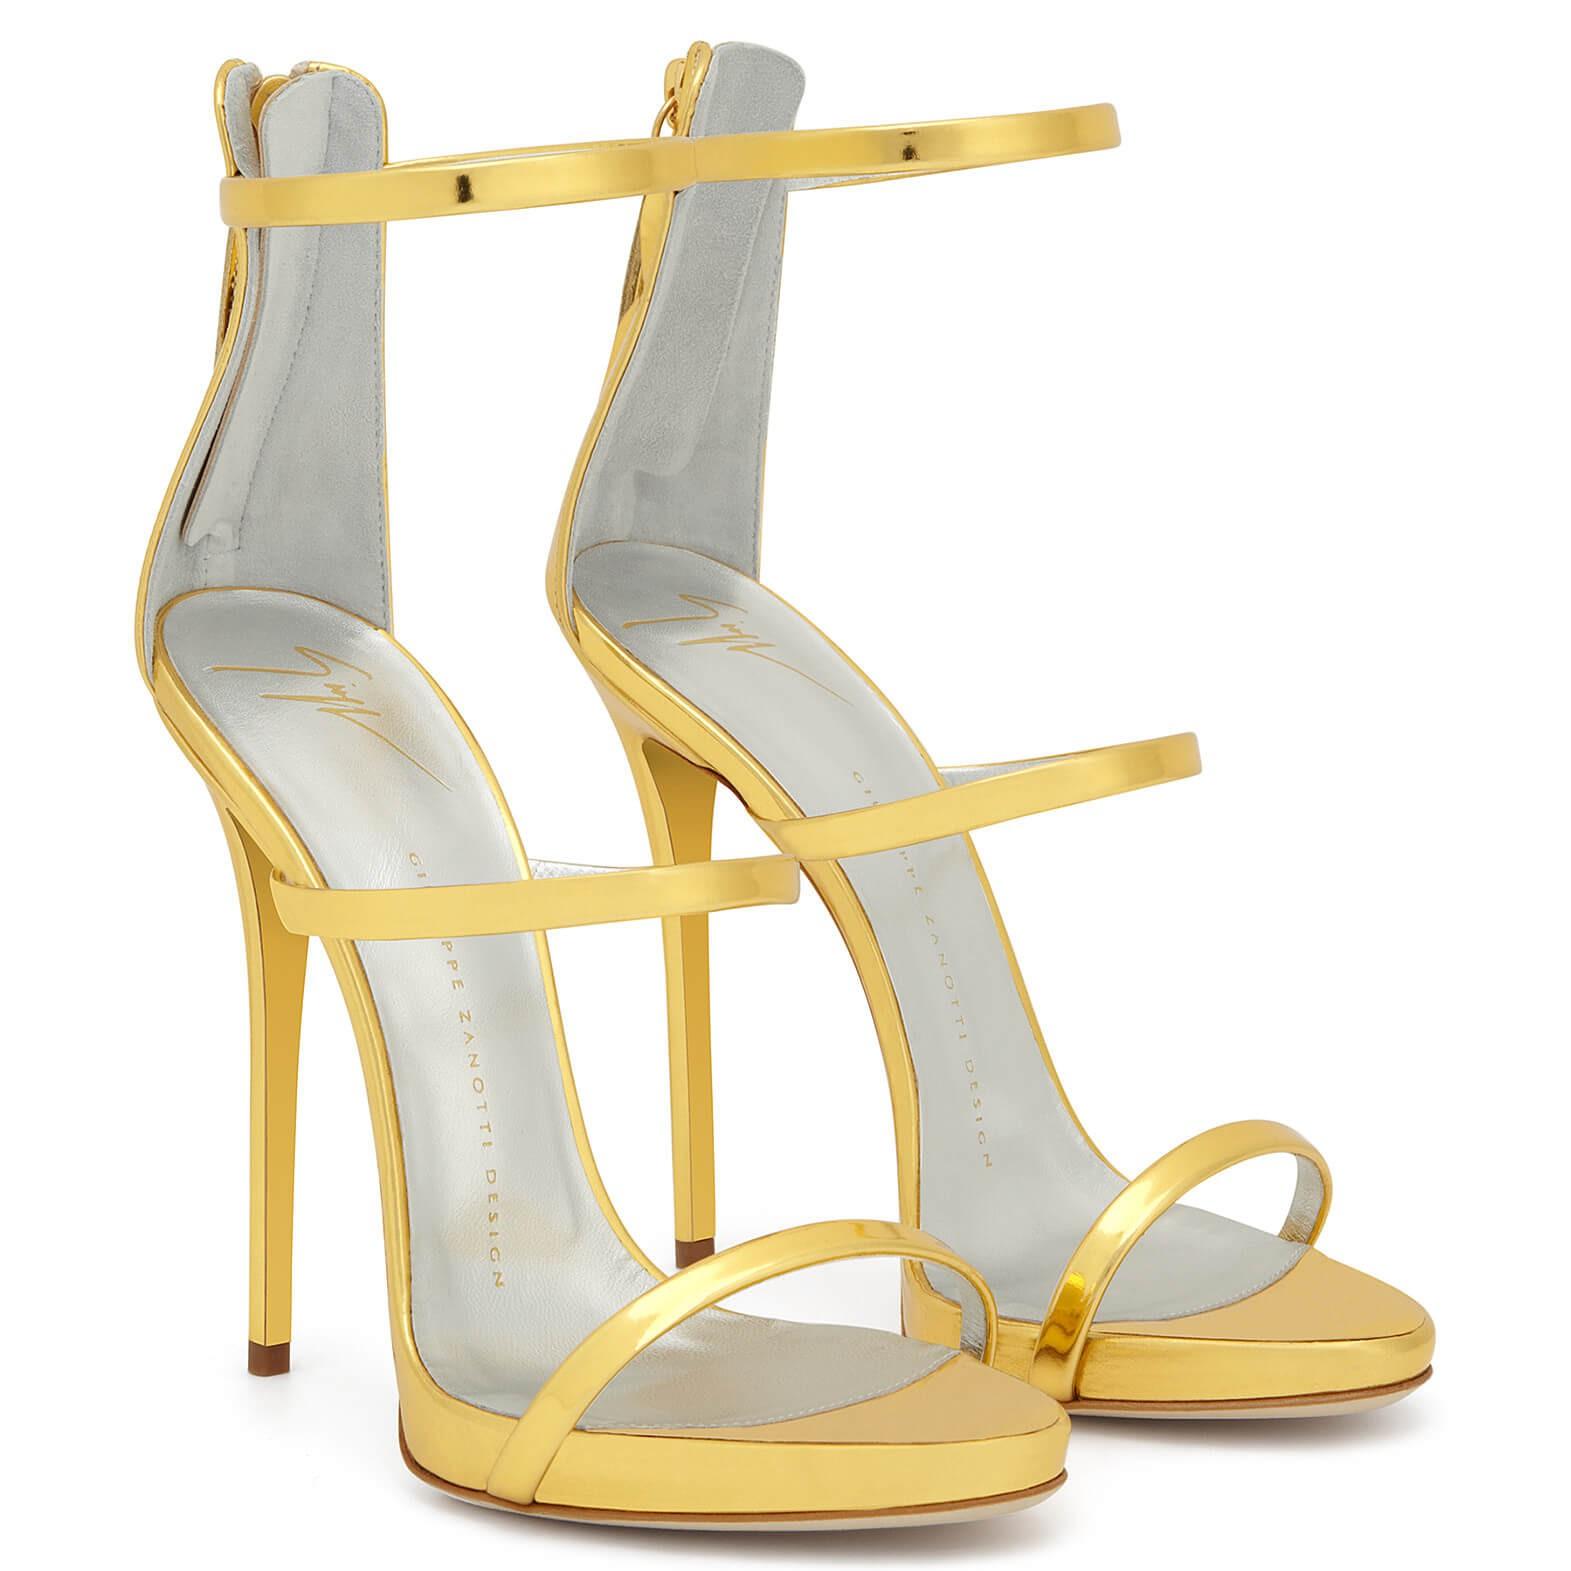 """Đôi cao gót tôn chân nuột nà của Bích Phương bỗng thành """"hot item"""" được các shop online thi nhau đăng bán - Ảnh 6."""